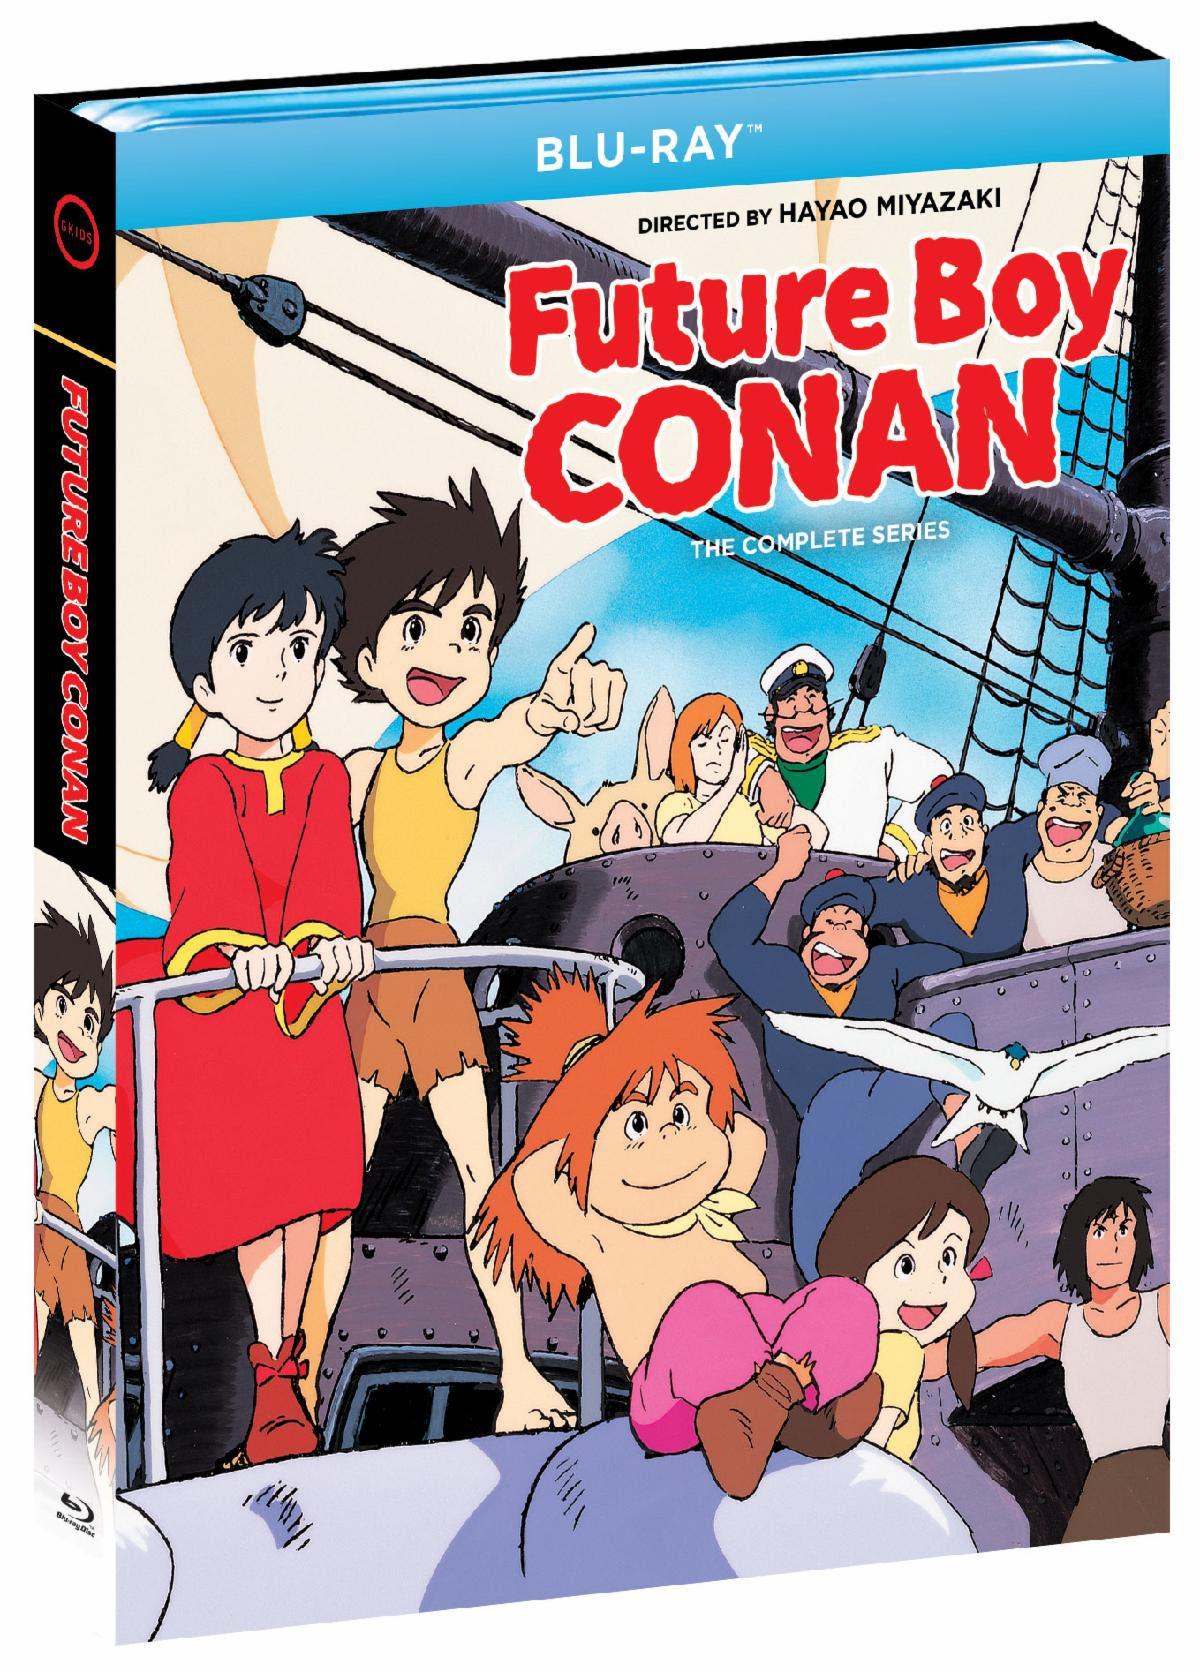 Futuro chico Conan